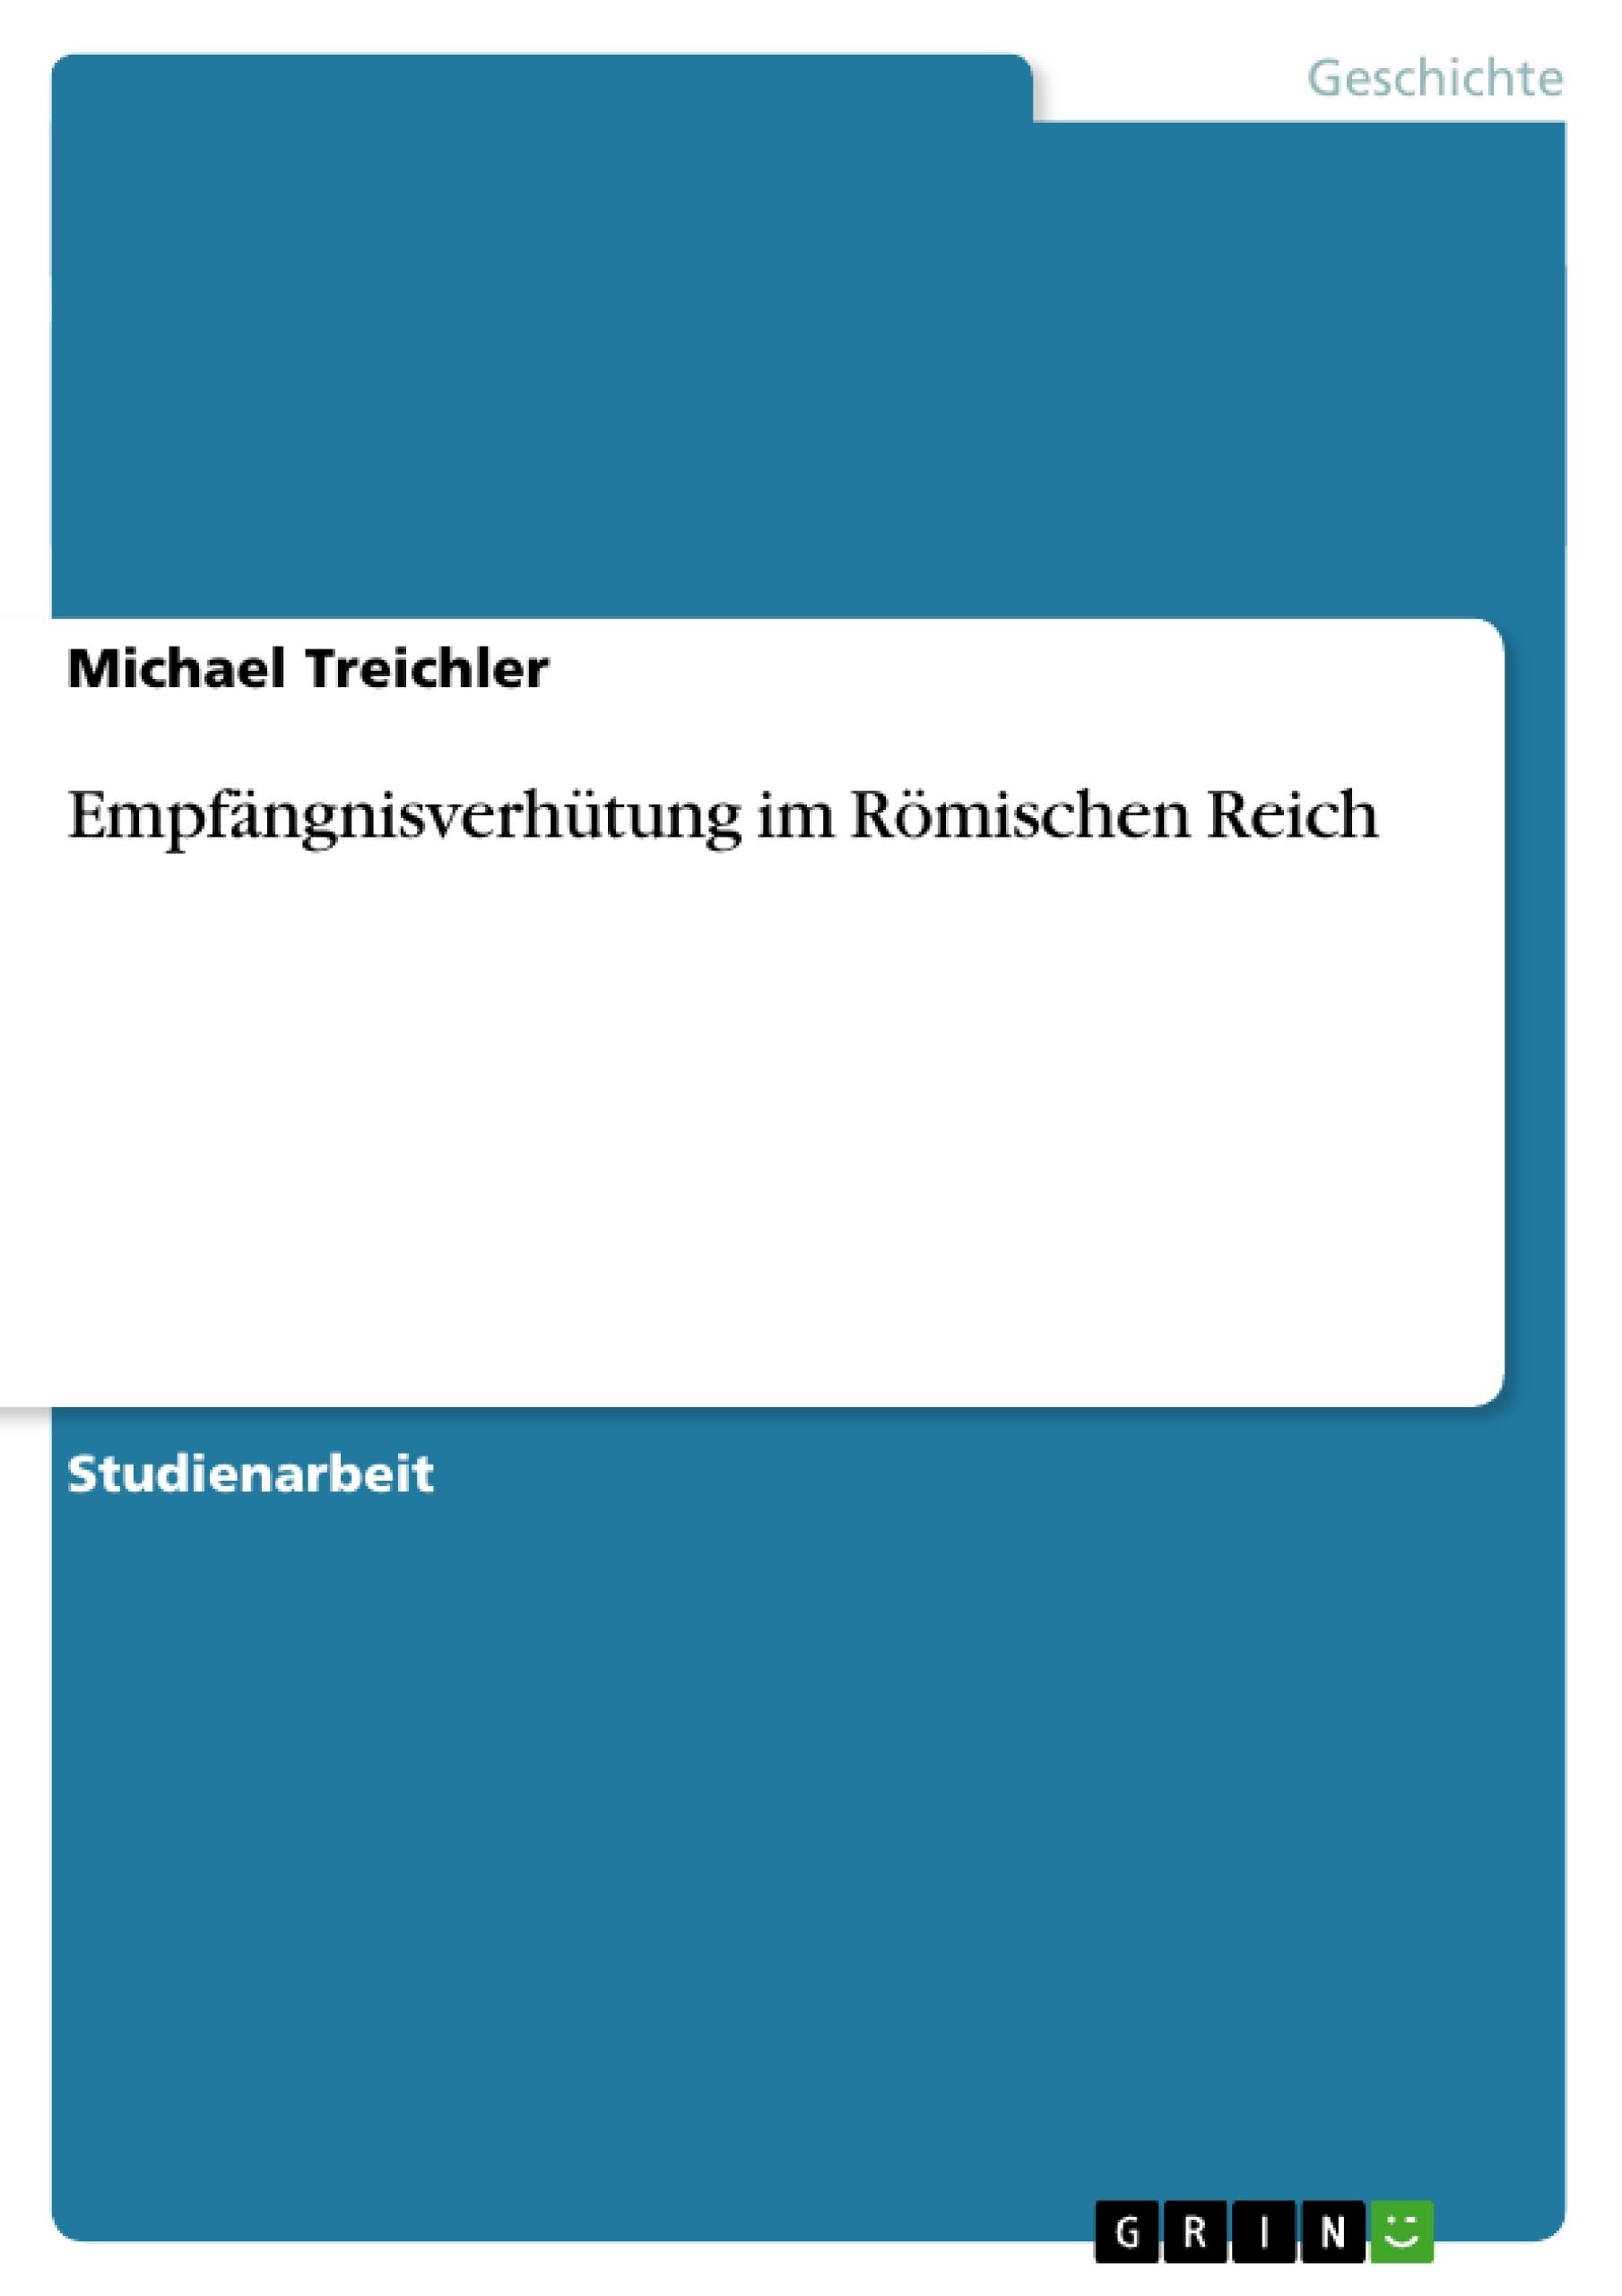 Titel: Empfängnisverhütung im Römischen Reich